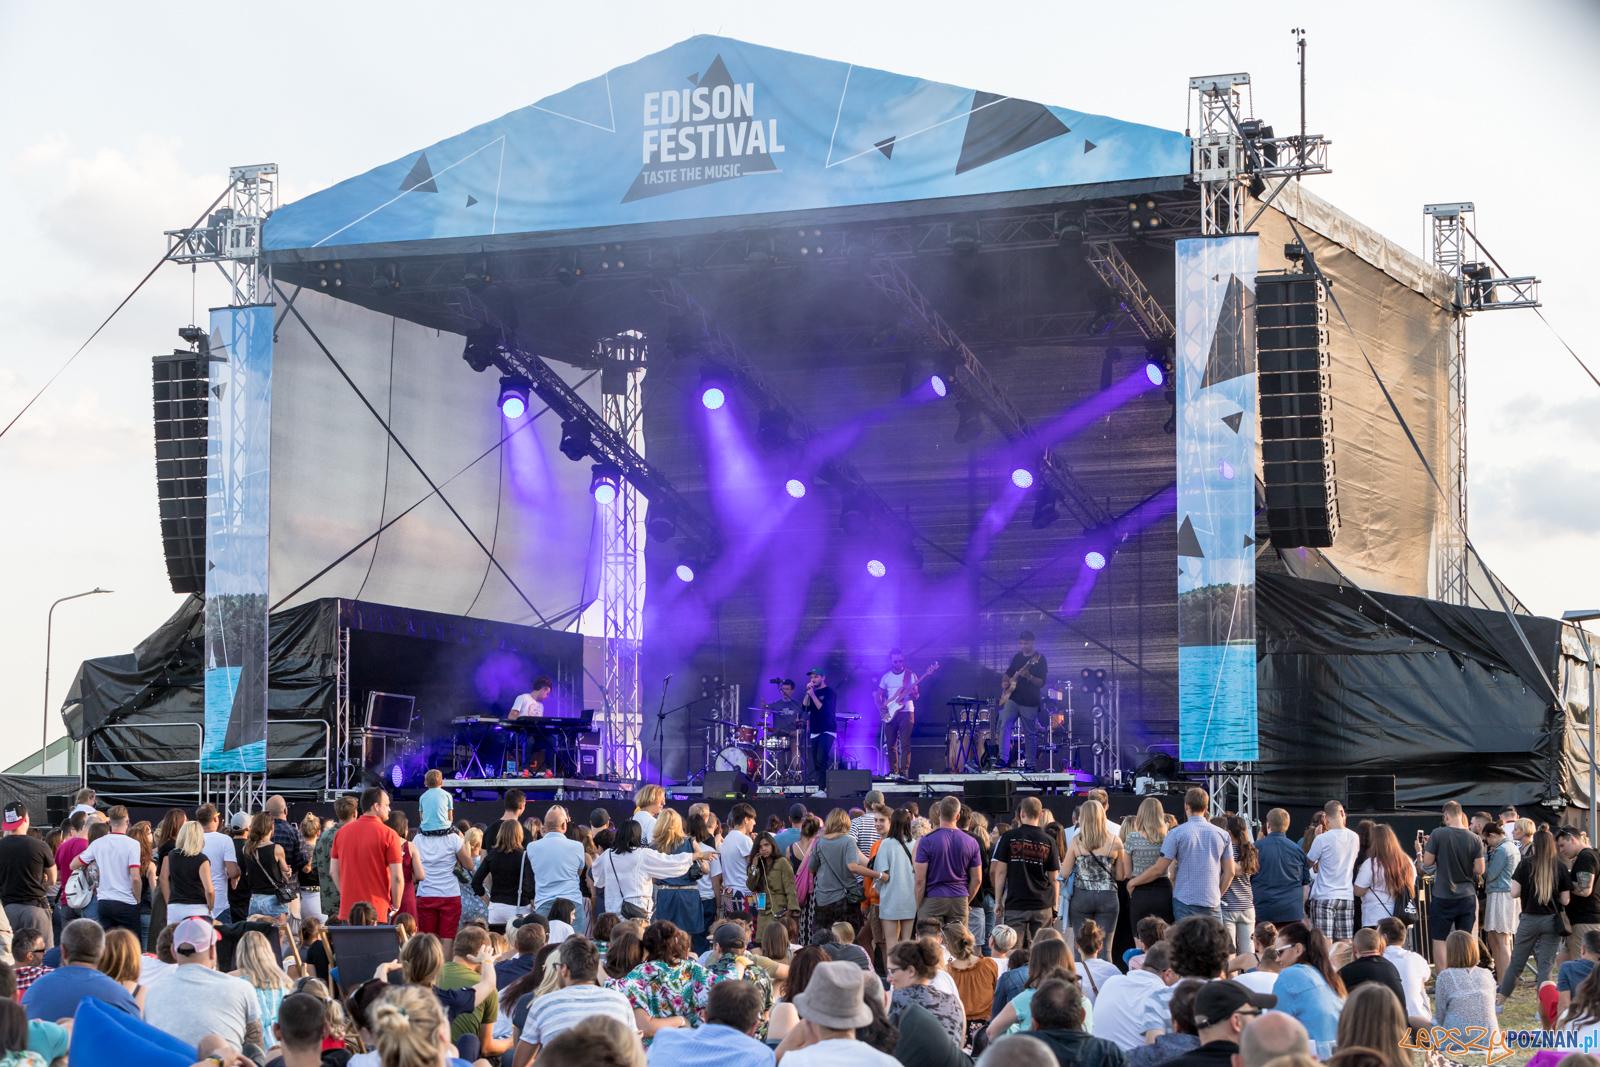 Edison Festival - Taste The Music - Bitamina  Foto: lepszyPOZNAN.pl/Piotr Rychter